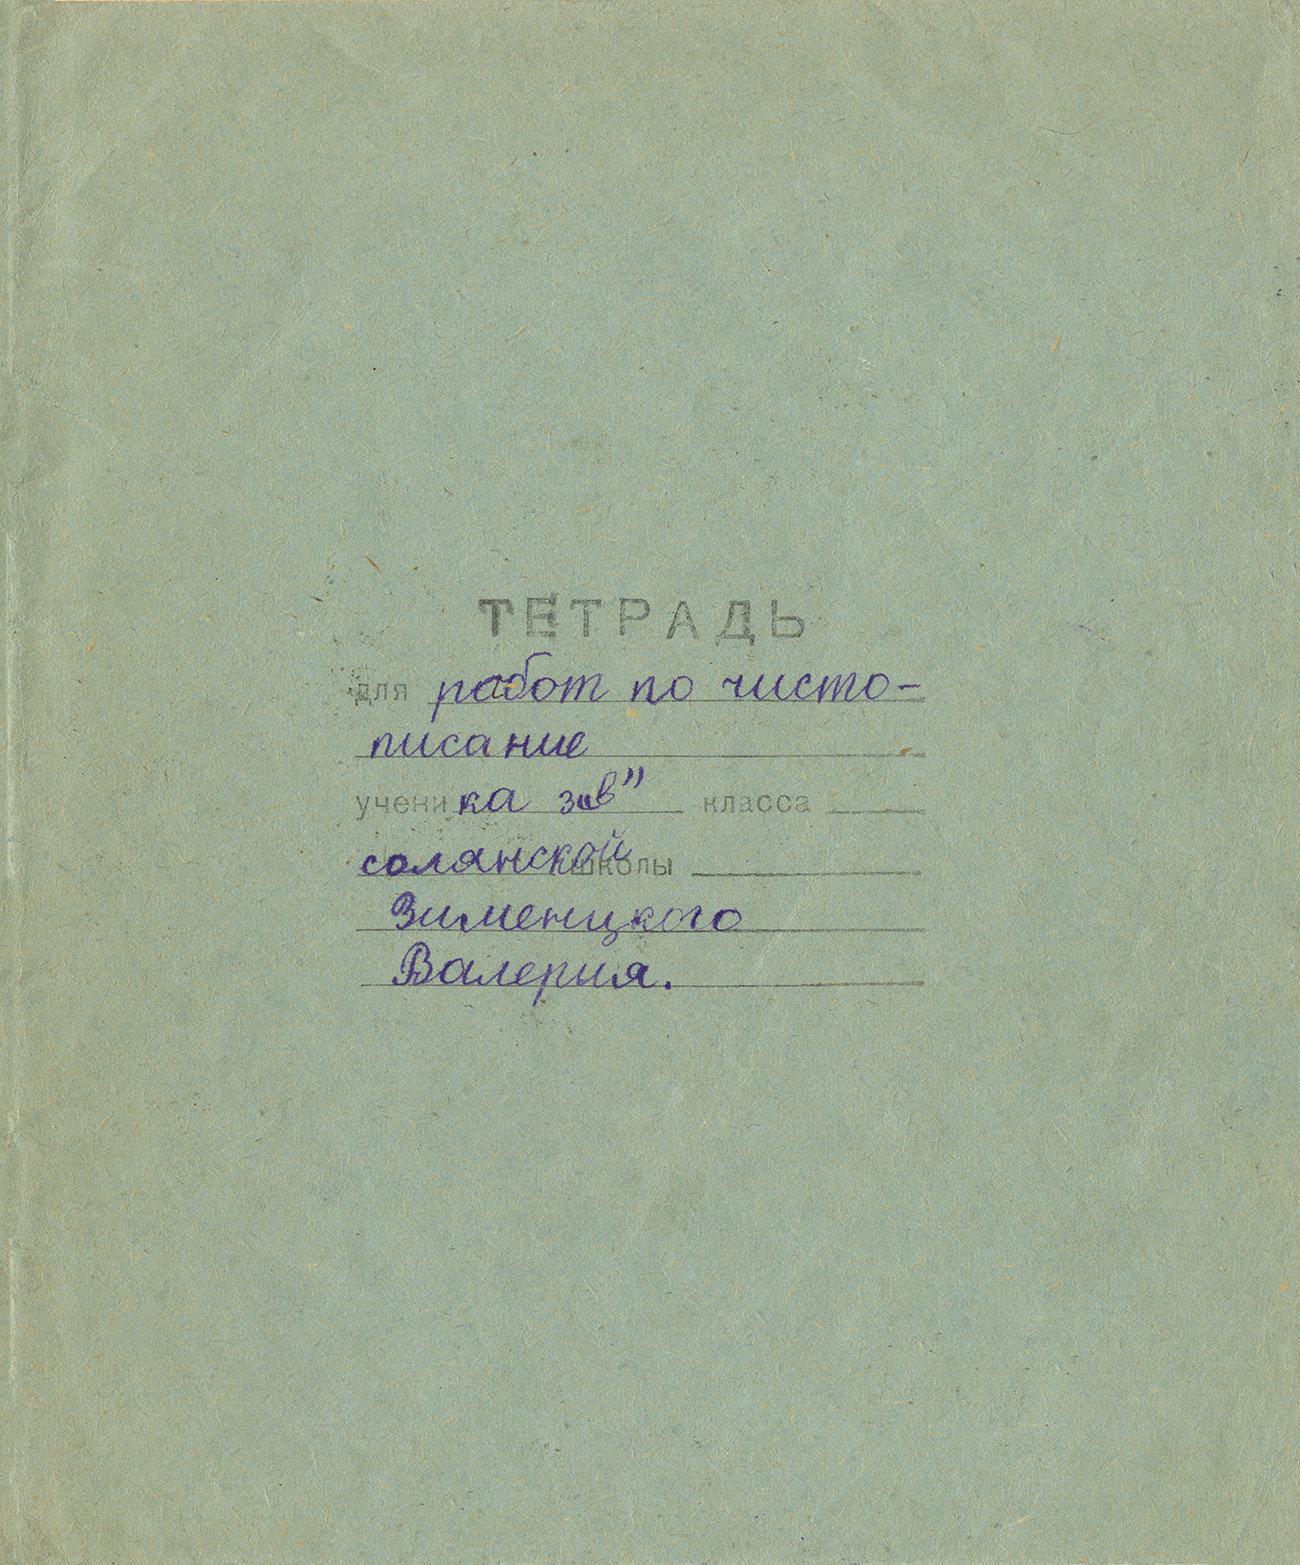 Тетрадь, 1961 г.